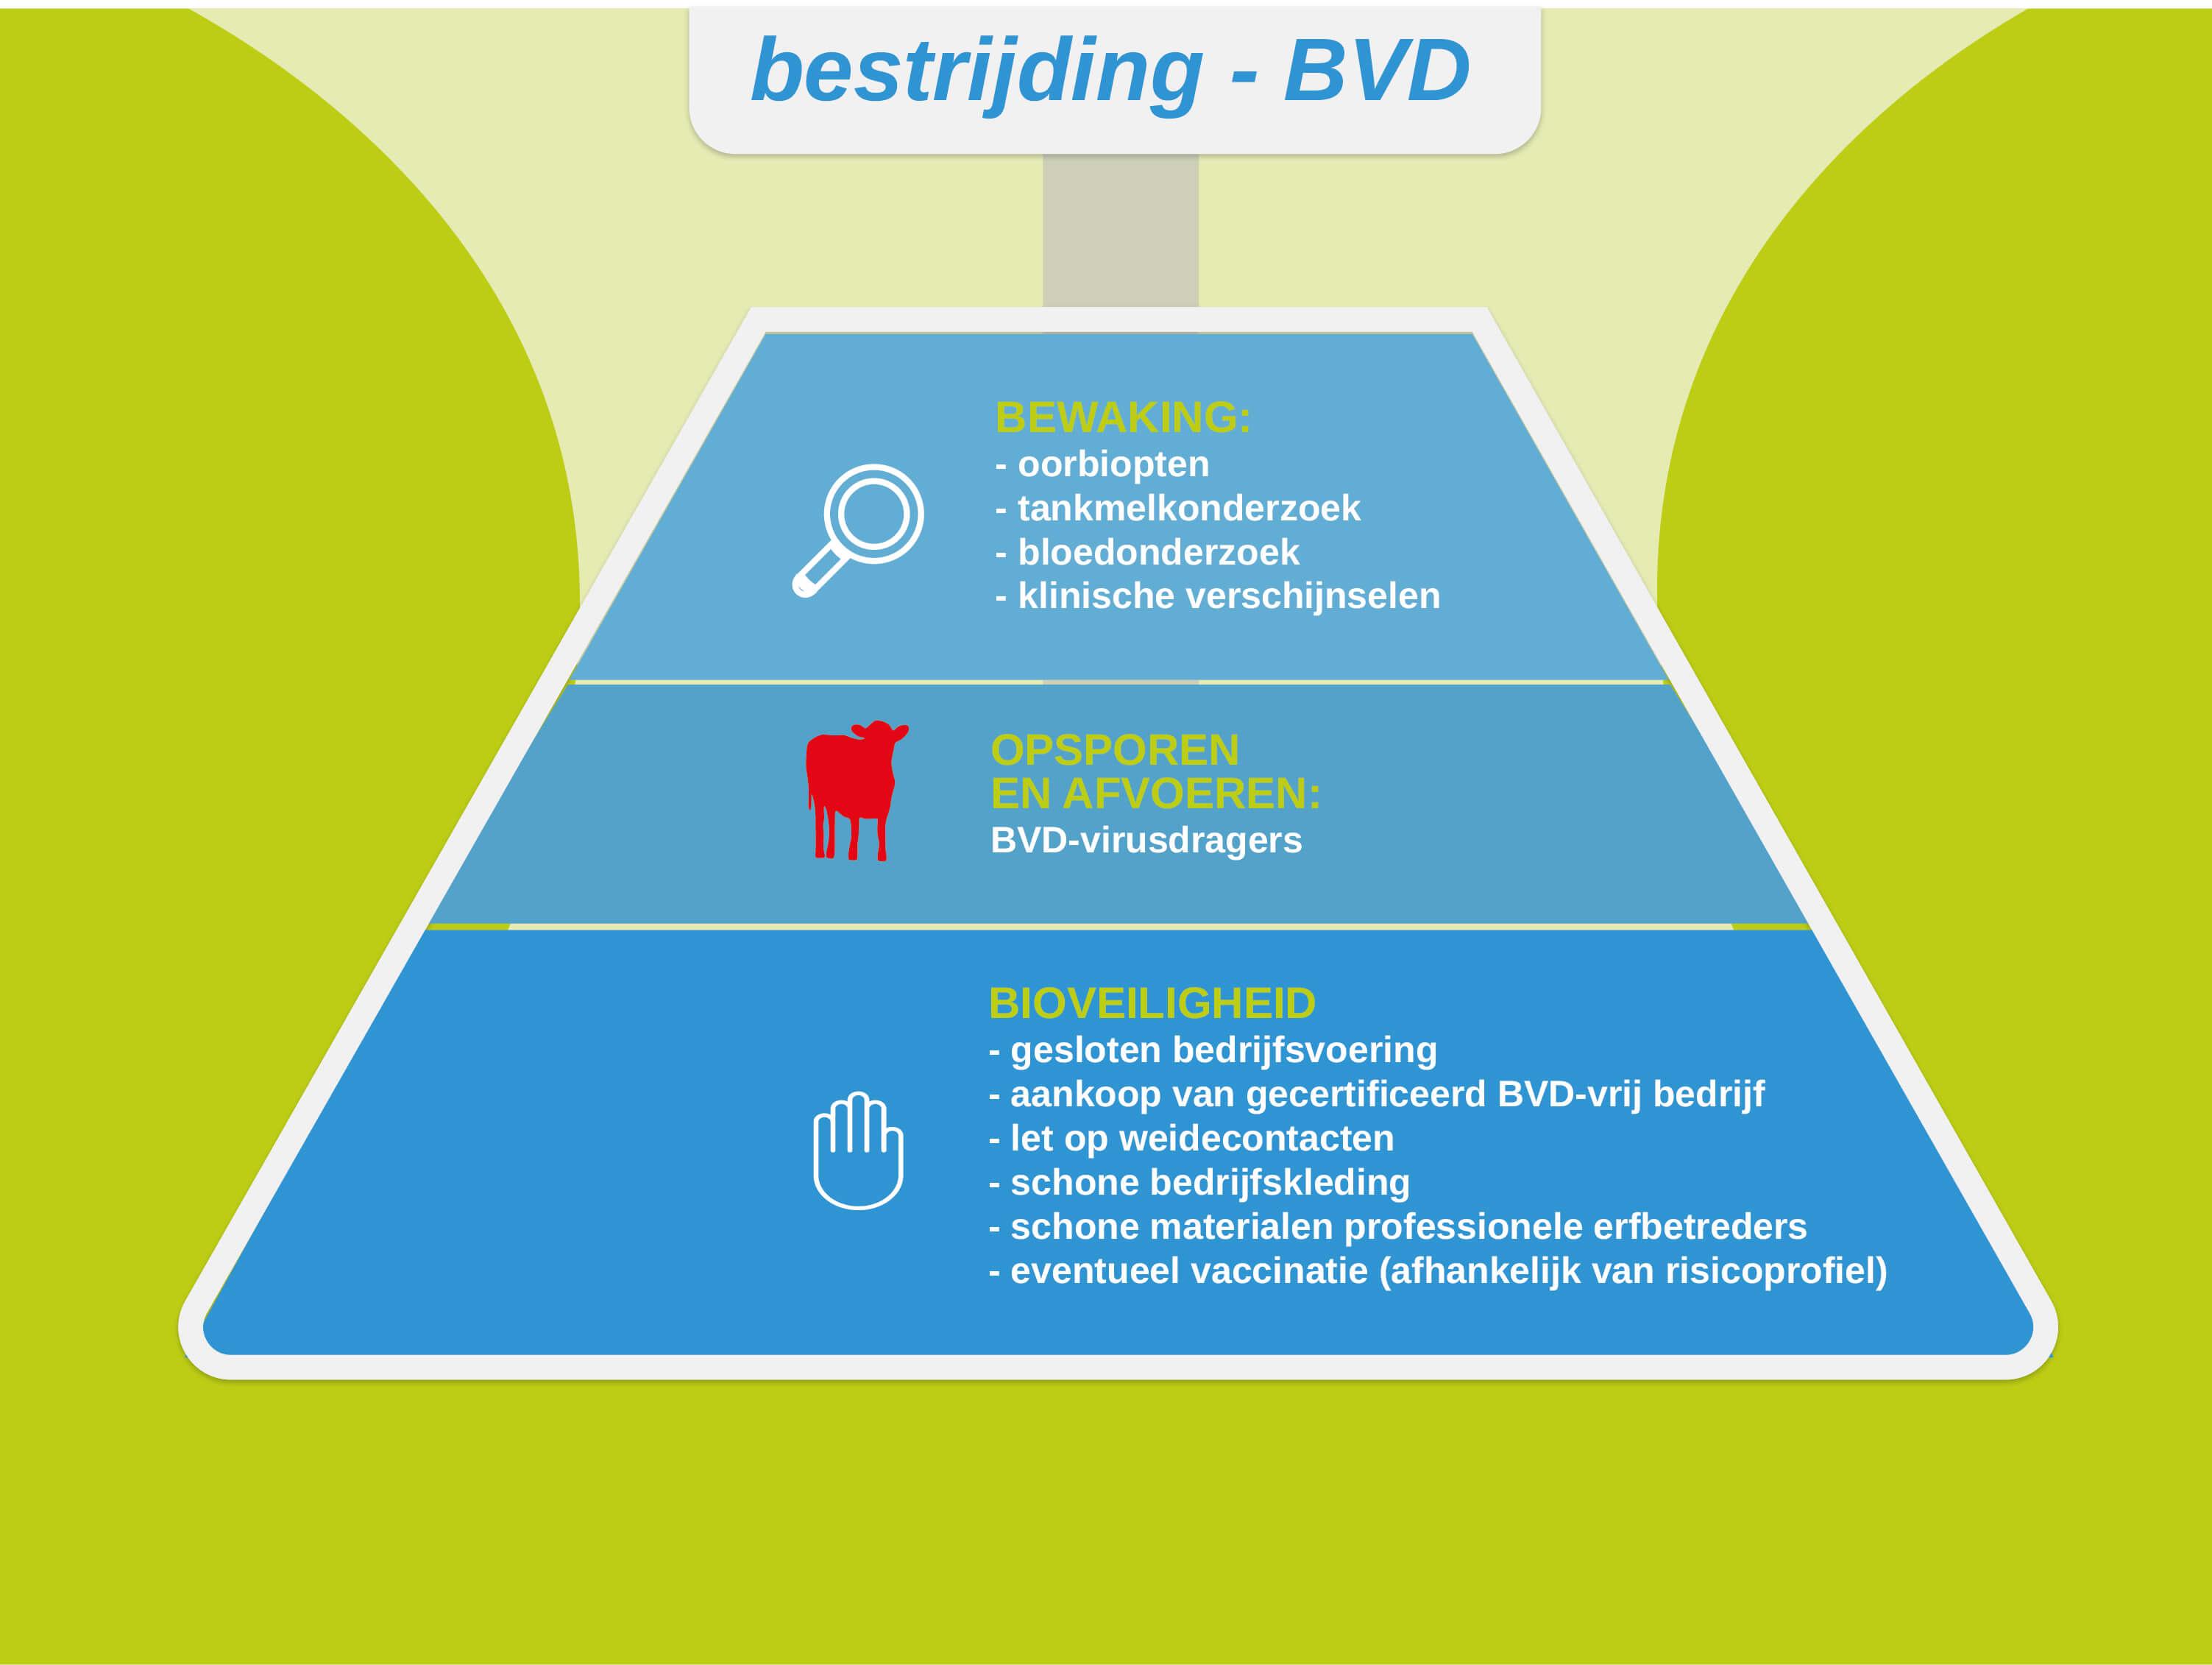 De pijlers onder de bestrijding van BVD